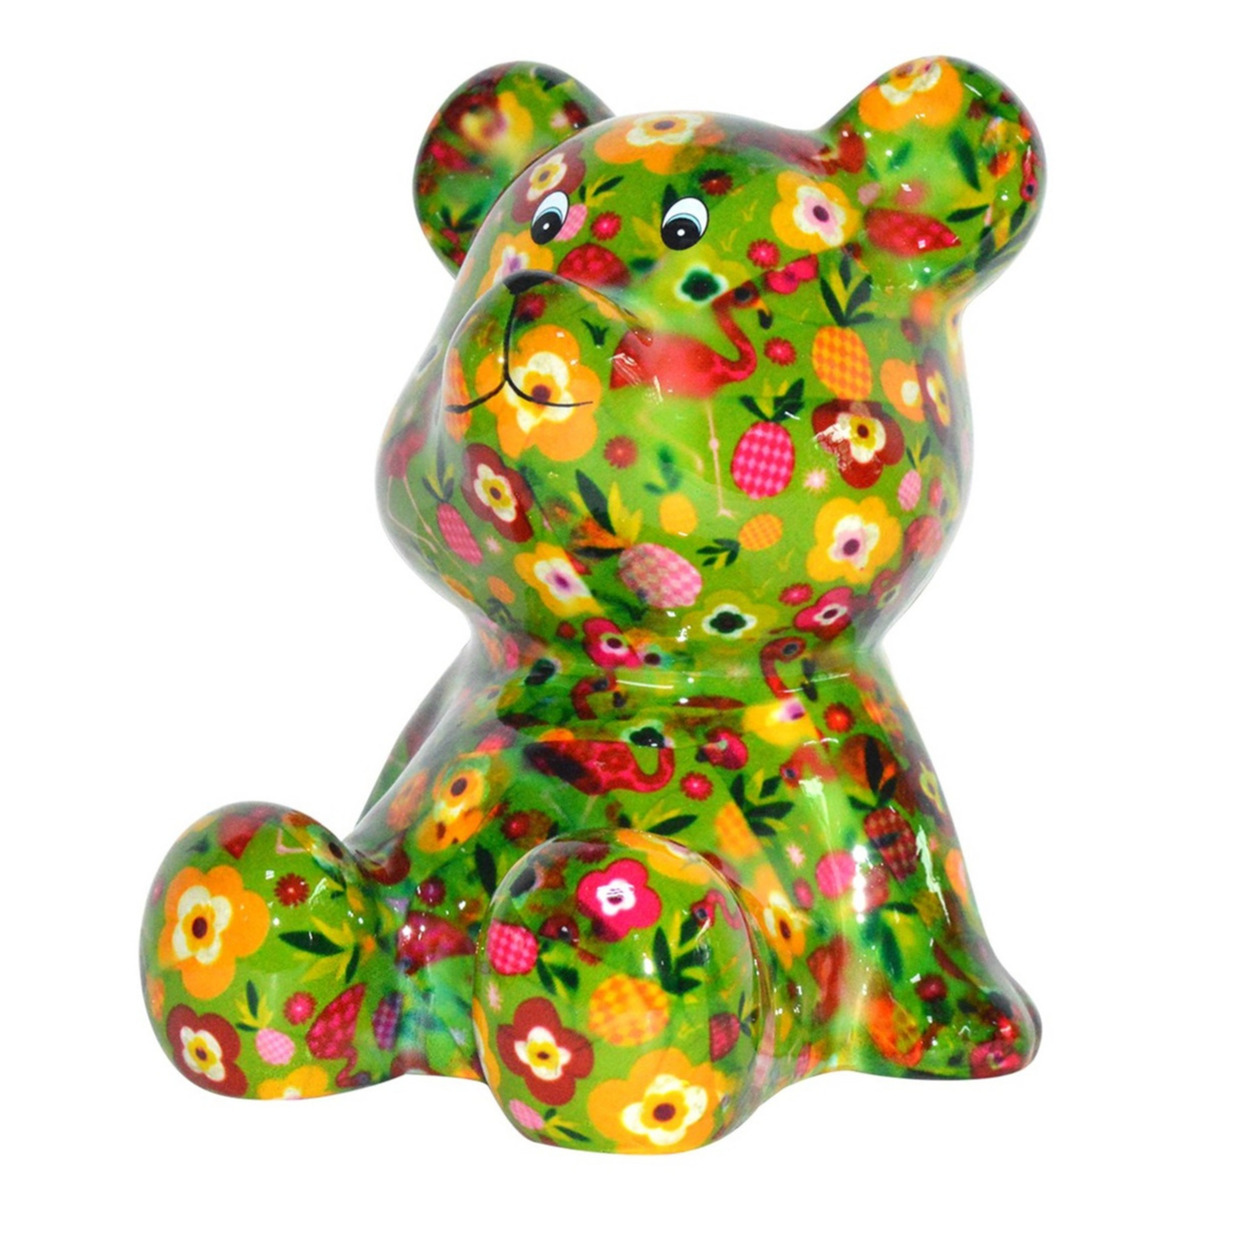 Kado spaarpot beer groen met fruit print 16 cm